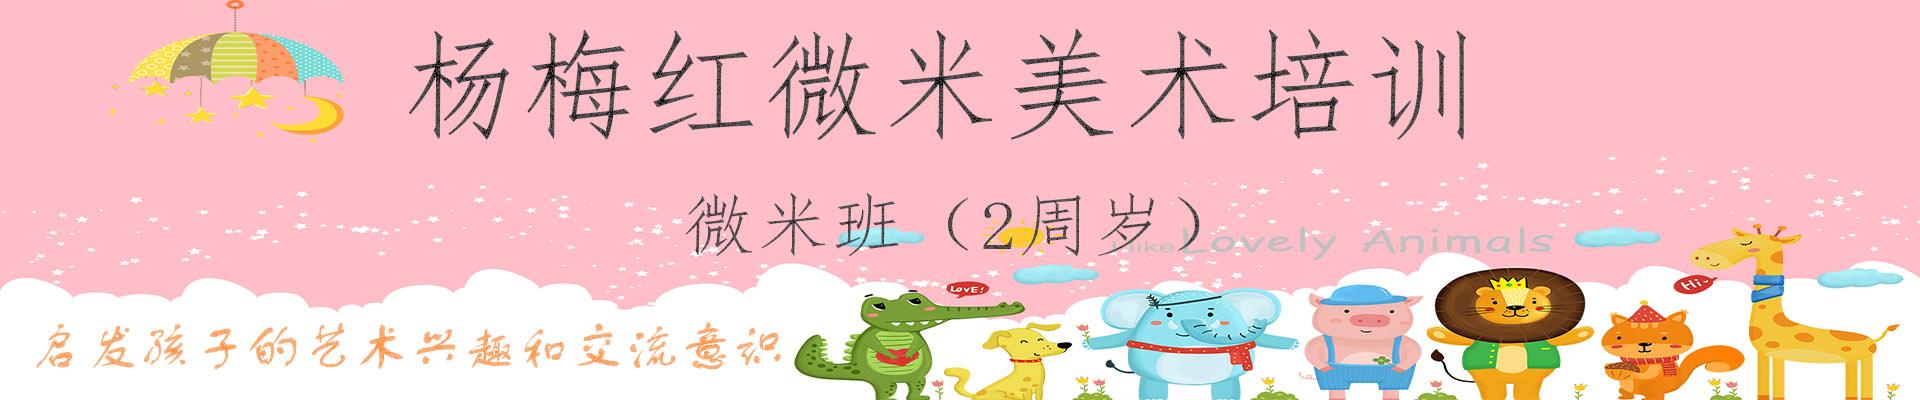 苏州独墅湖杨梅红2周岁微米美术培训